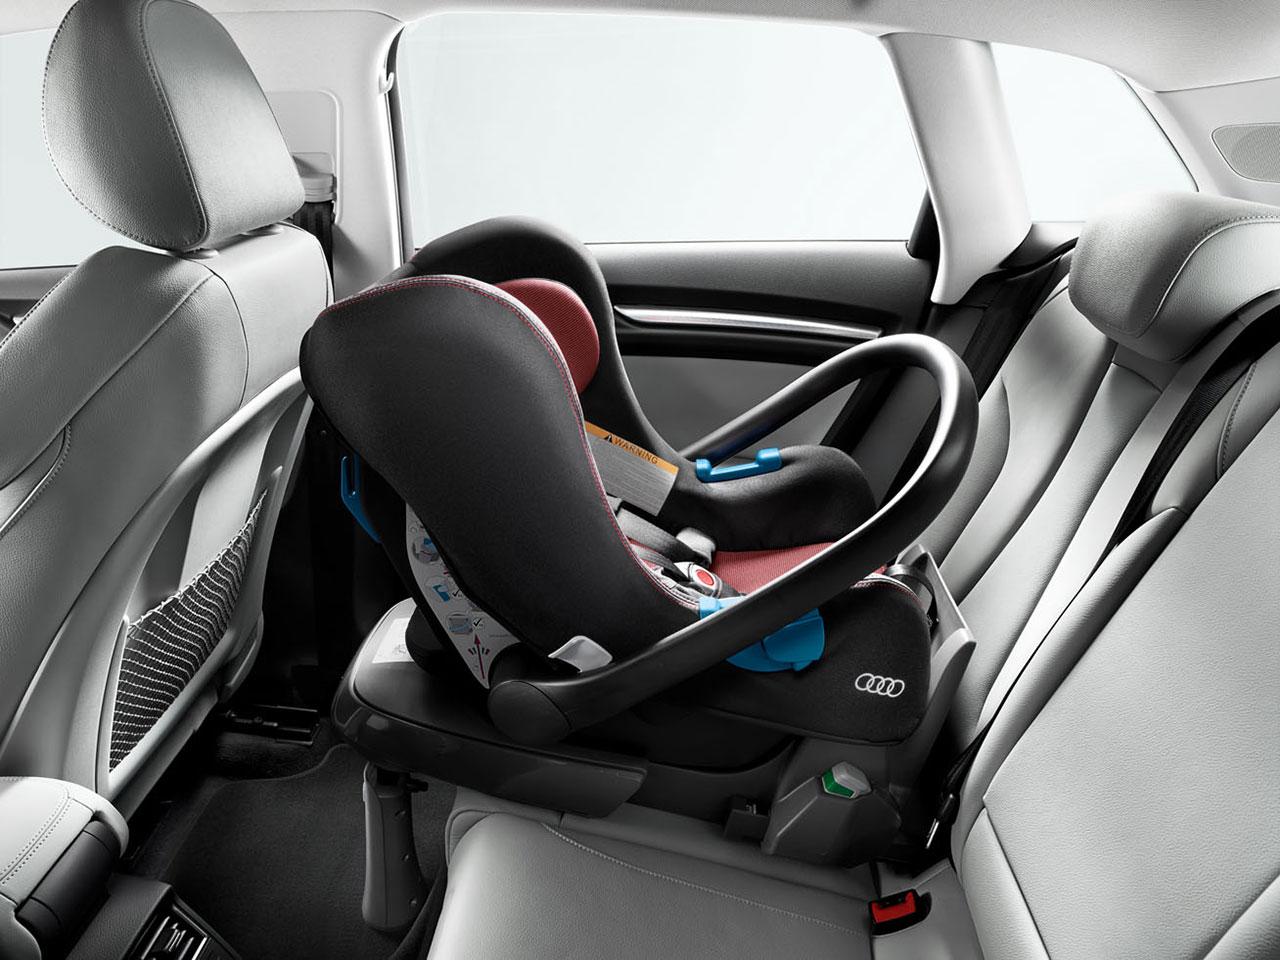 Niños en coche. Seguridad vial infantil